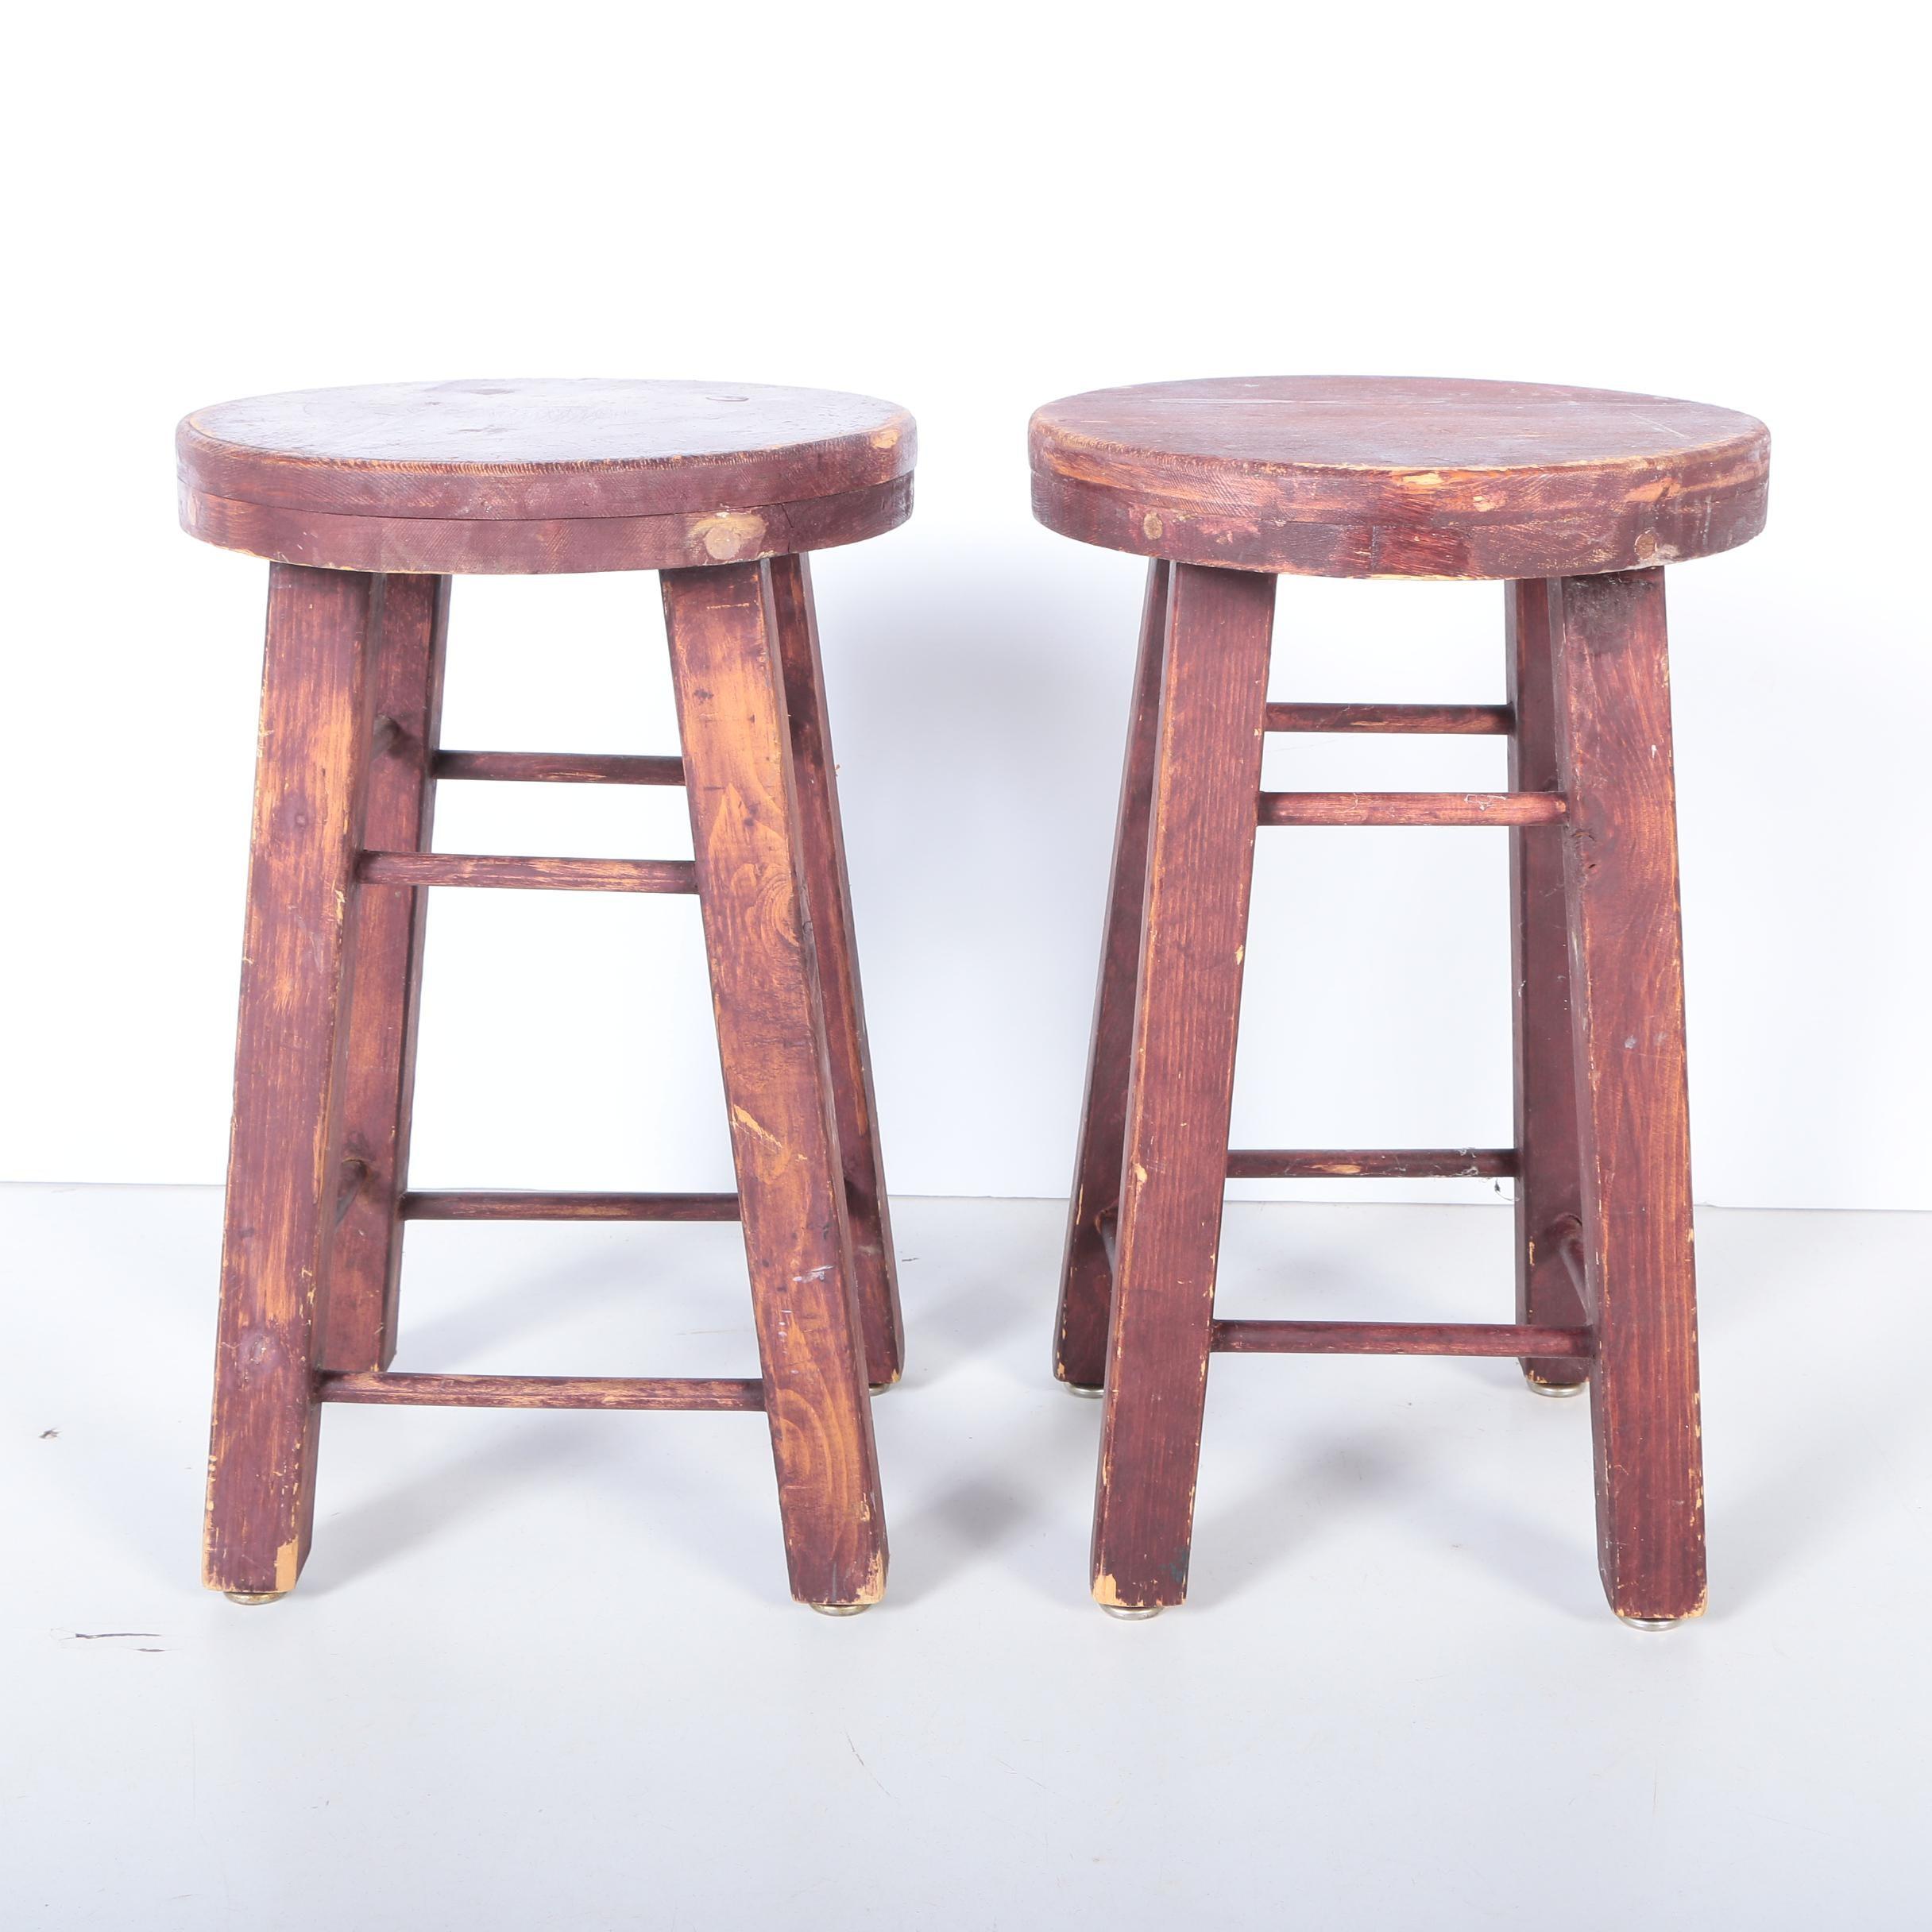 Rustic Wooden Stools